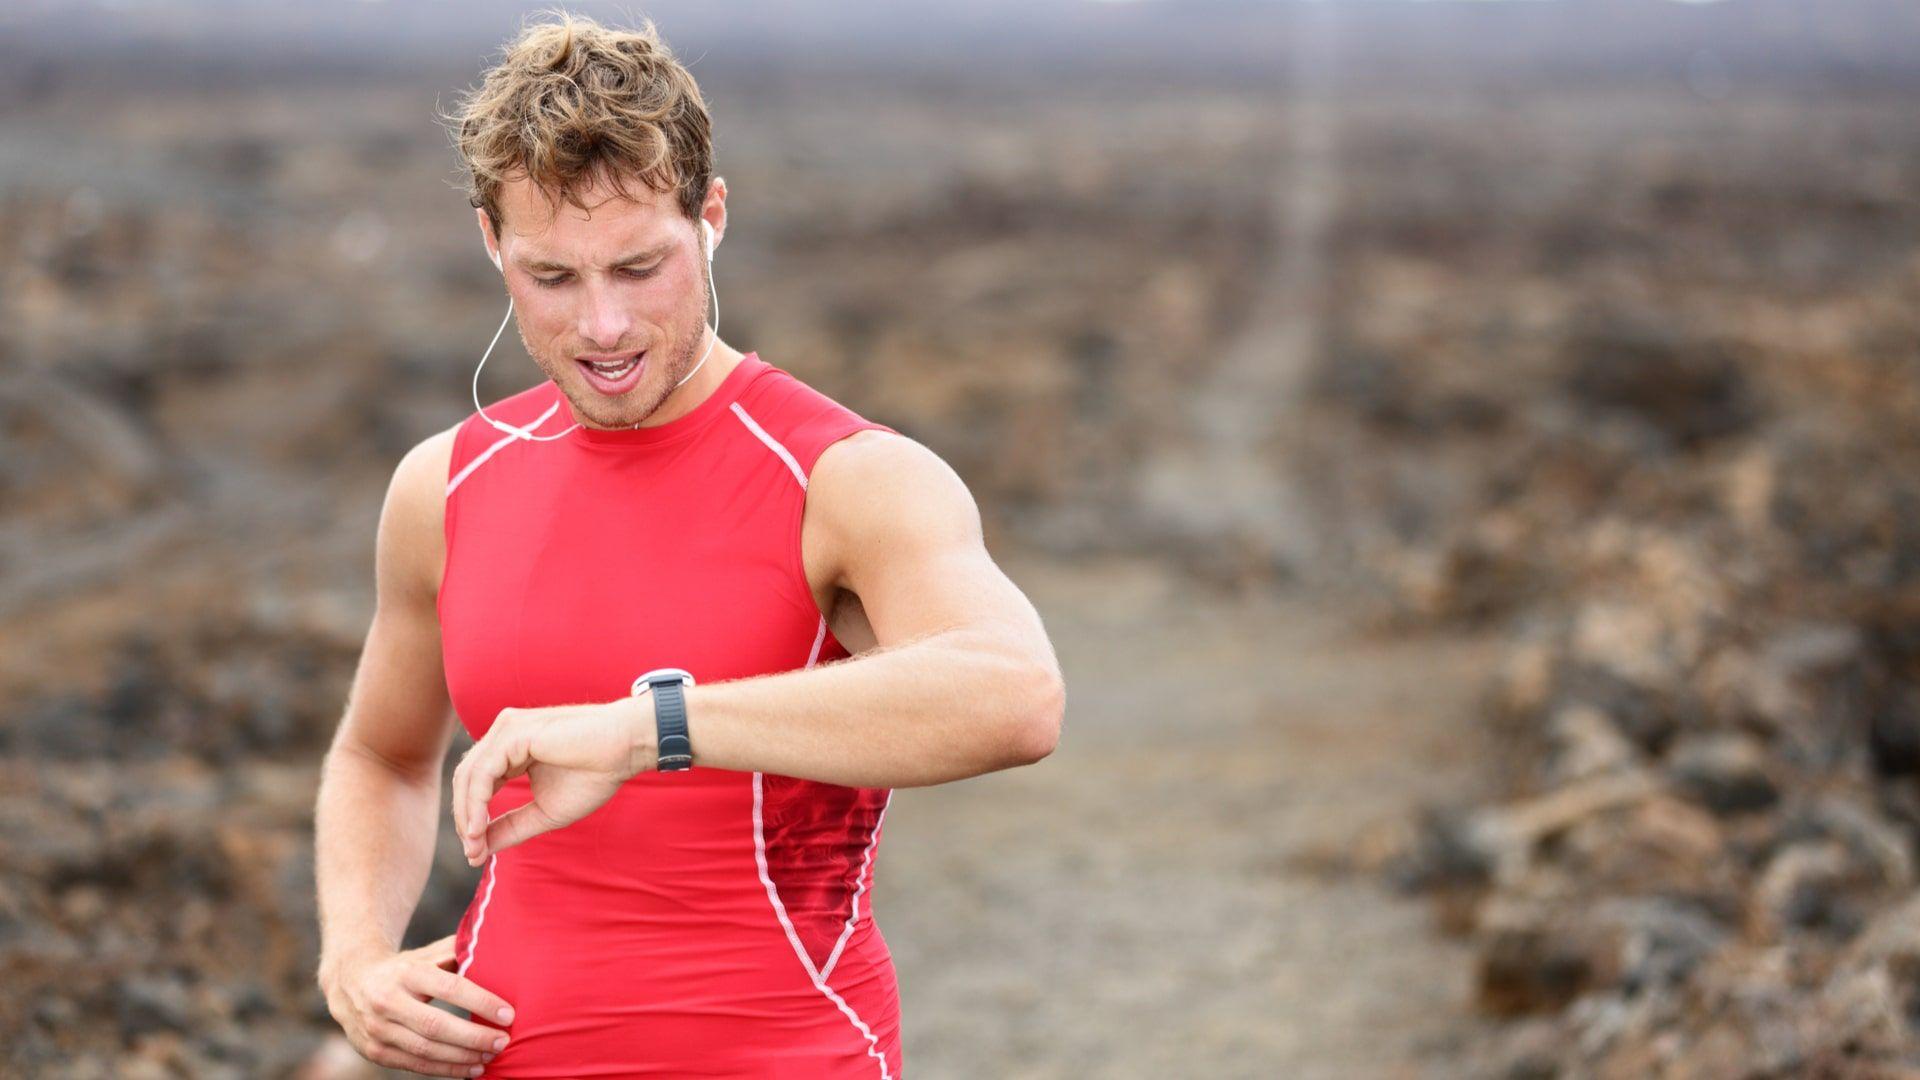 Smartwatch fitness: veja relógios para monitorar atividades físicas (Foto: Shutterstock)